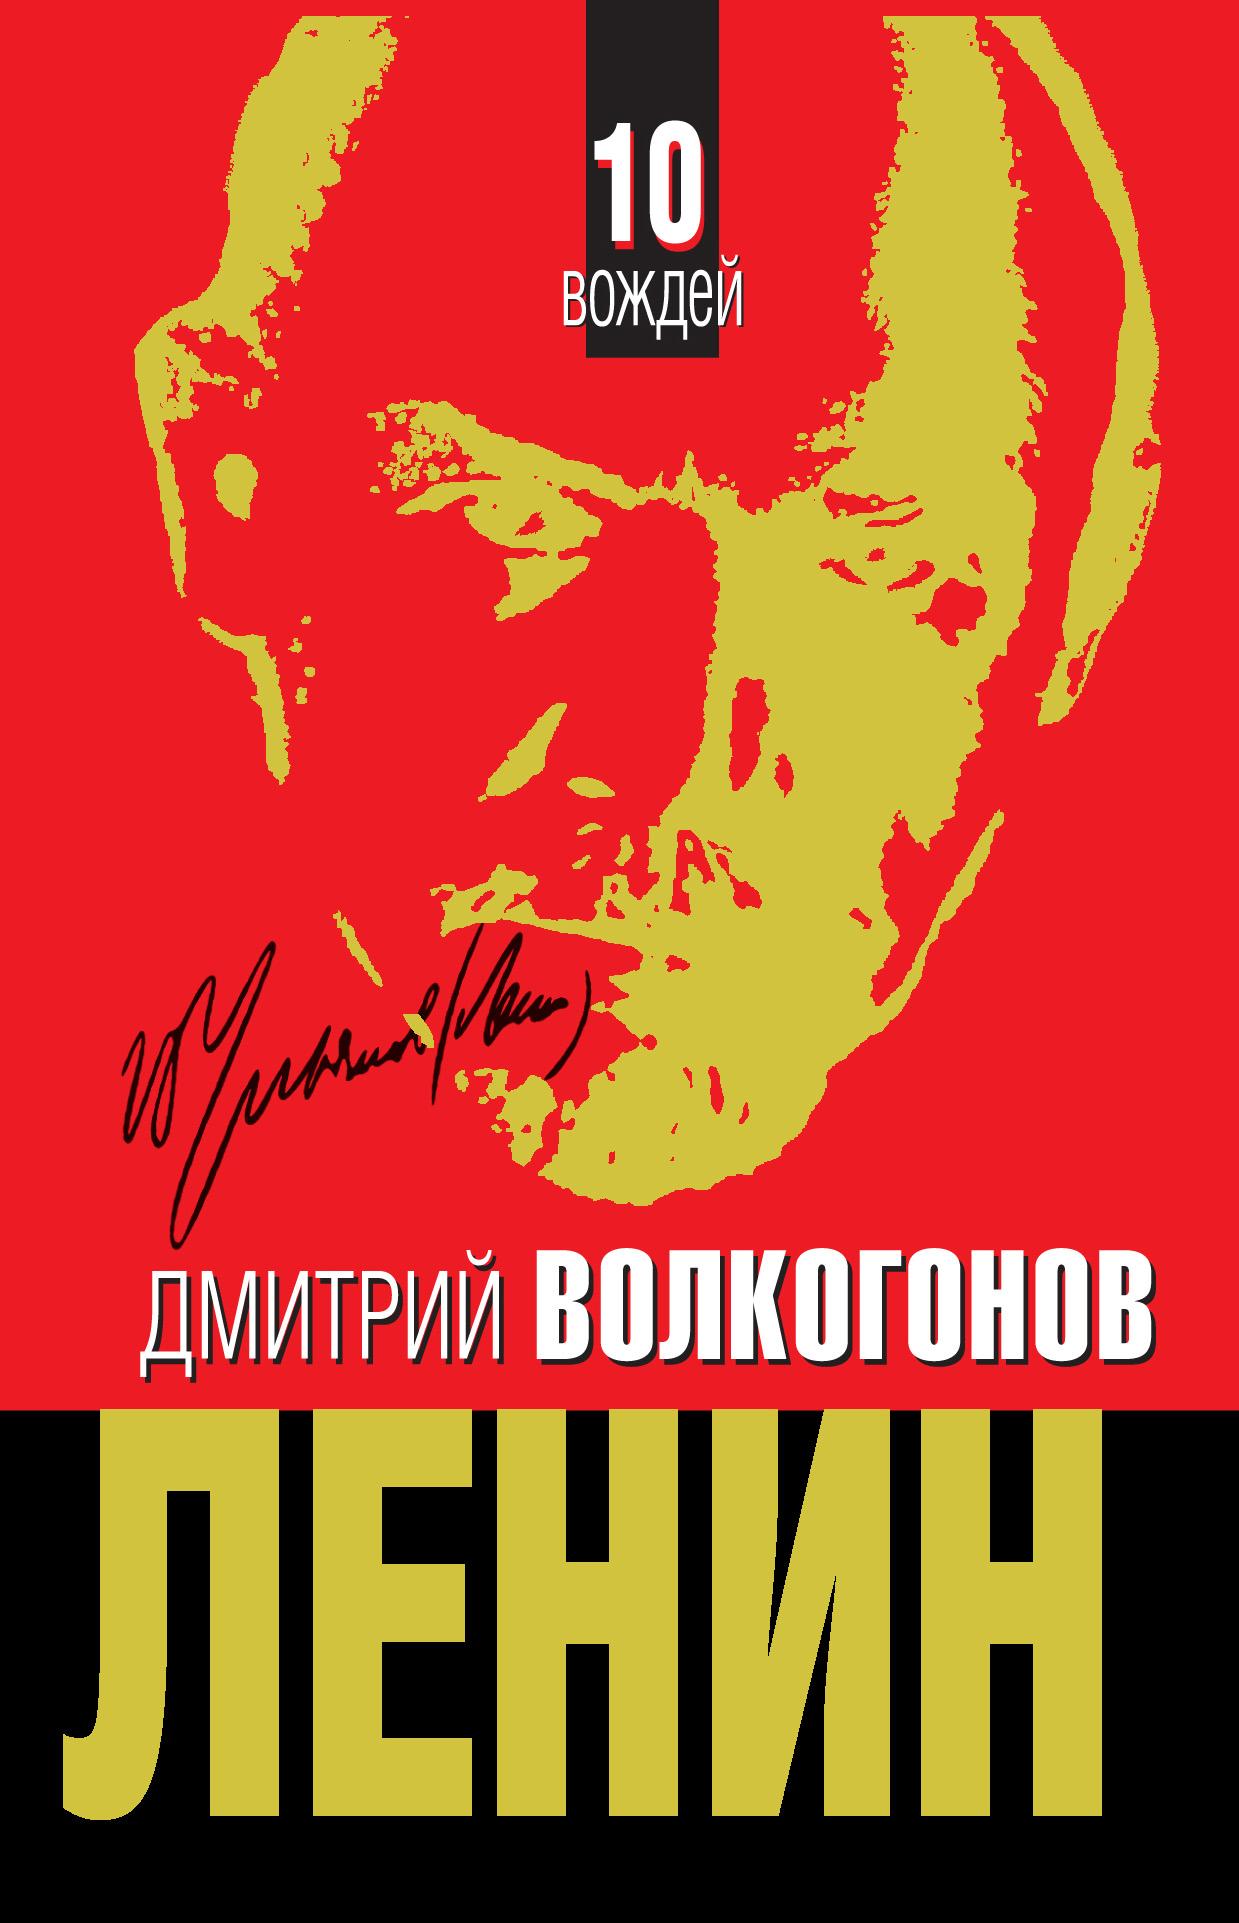 Дмитрий Волкогонов Ленин дмитрий волкогонов ленин